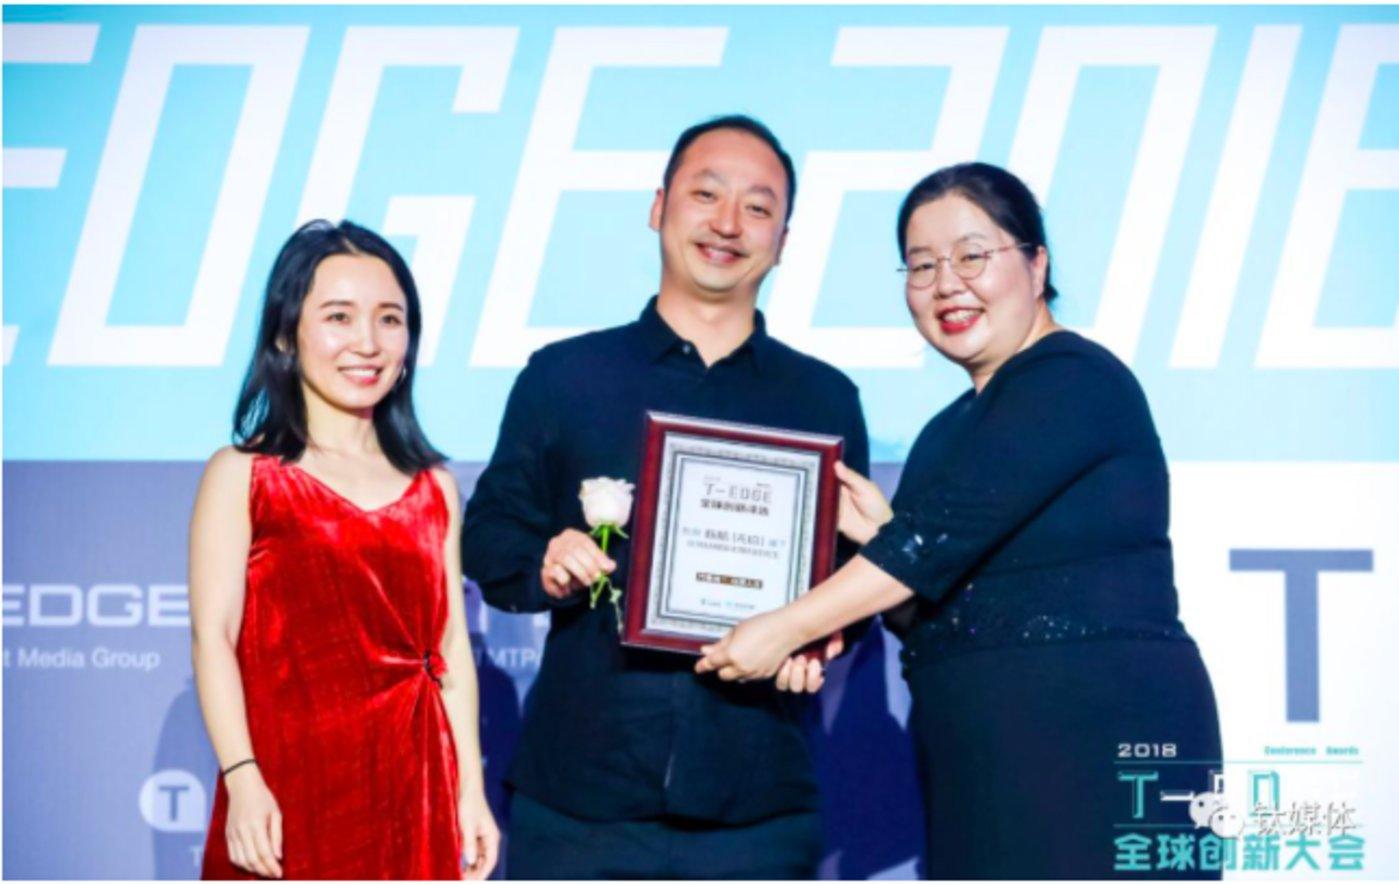 大兴区副区长杨蓓蓓(右一)、钛媒体创始人&CEO赵何娟(左一)向钉钉CEO陈航颁奖